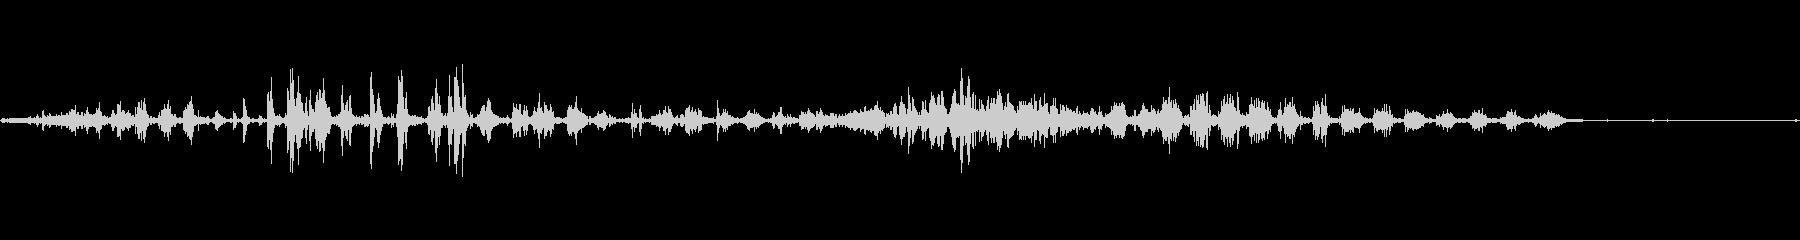 ピットブルドッグインヘールガーグルの未再生の波形